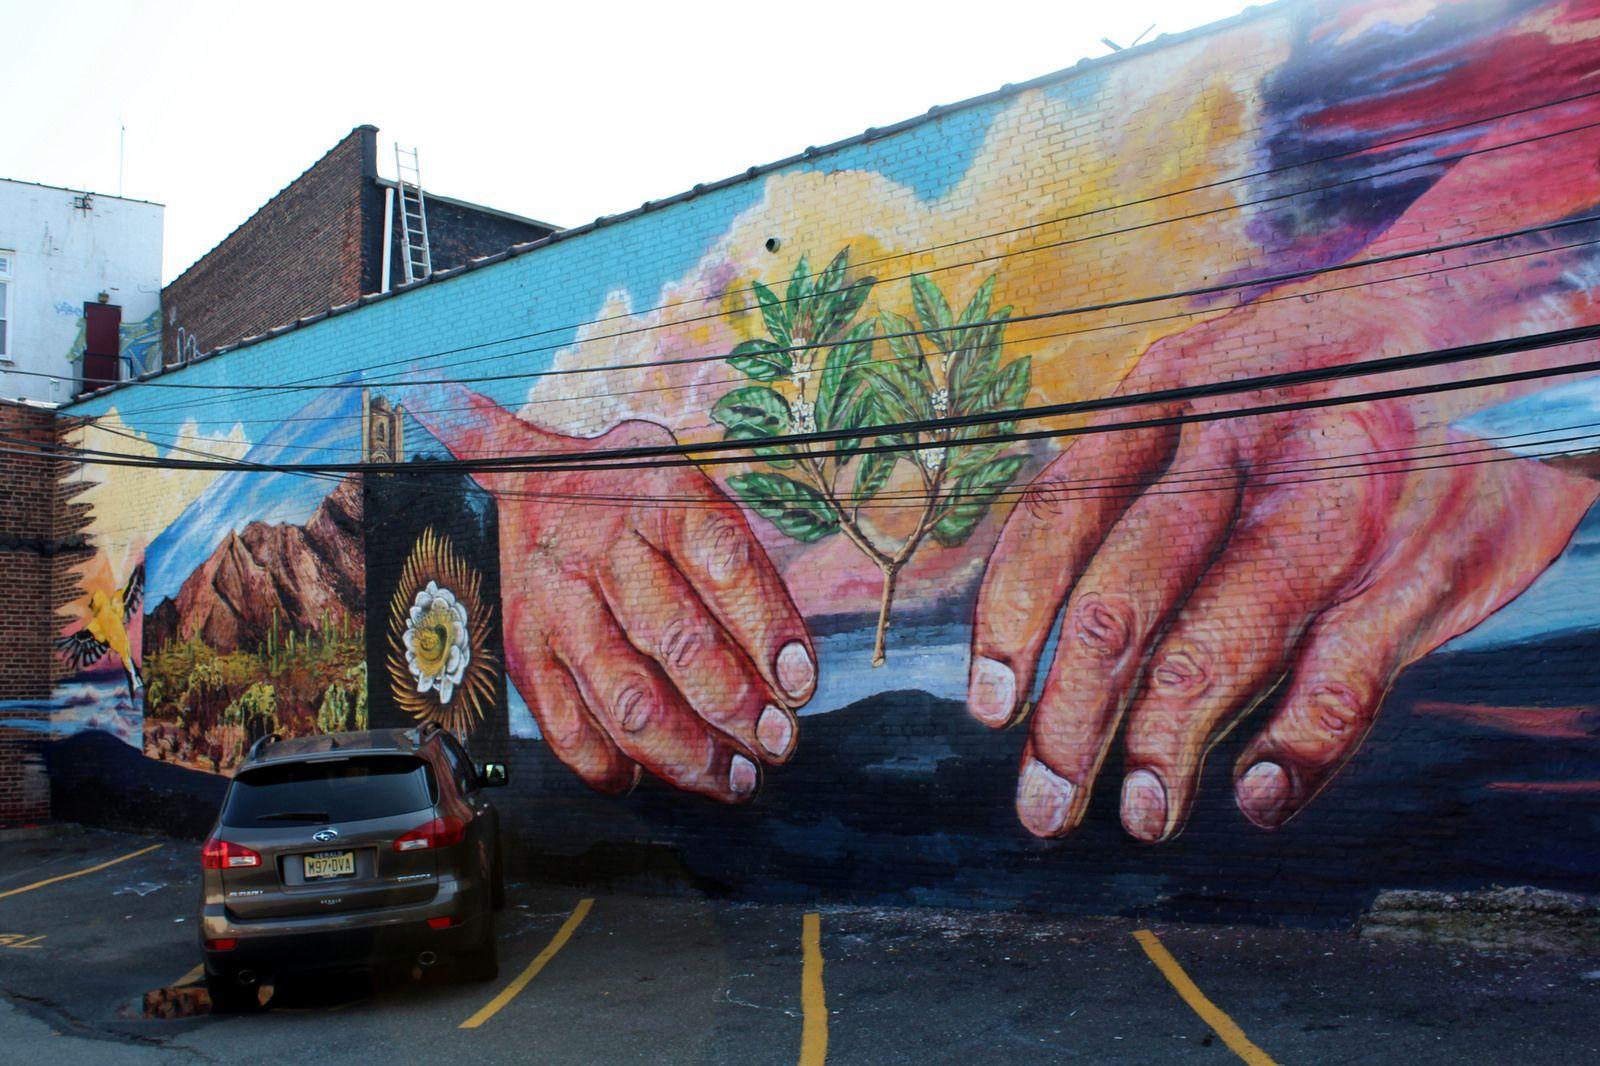 Graffiti art jersey city - Graffiti Jersey City